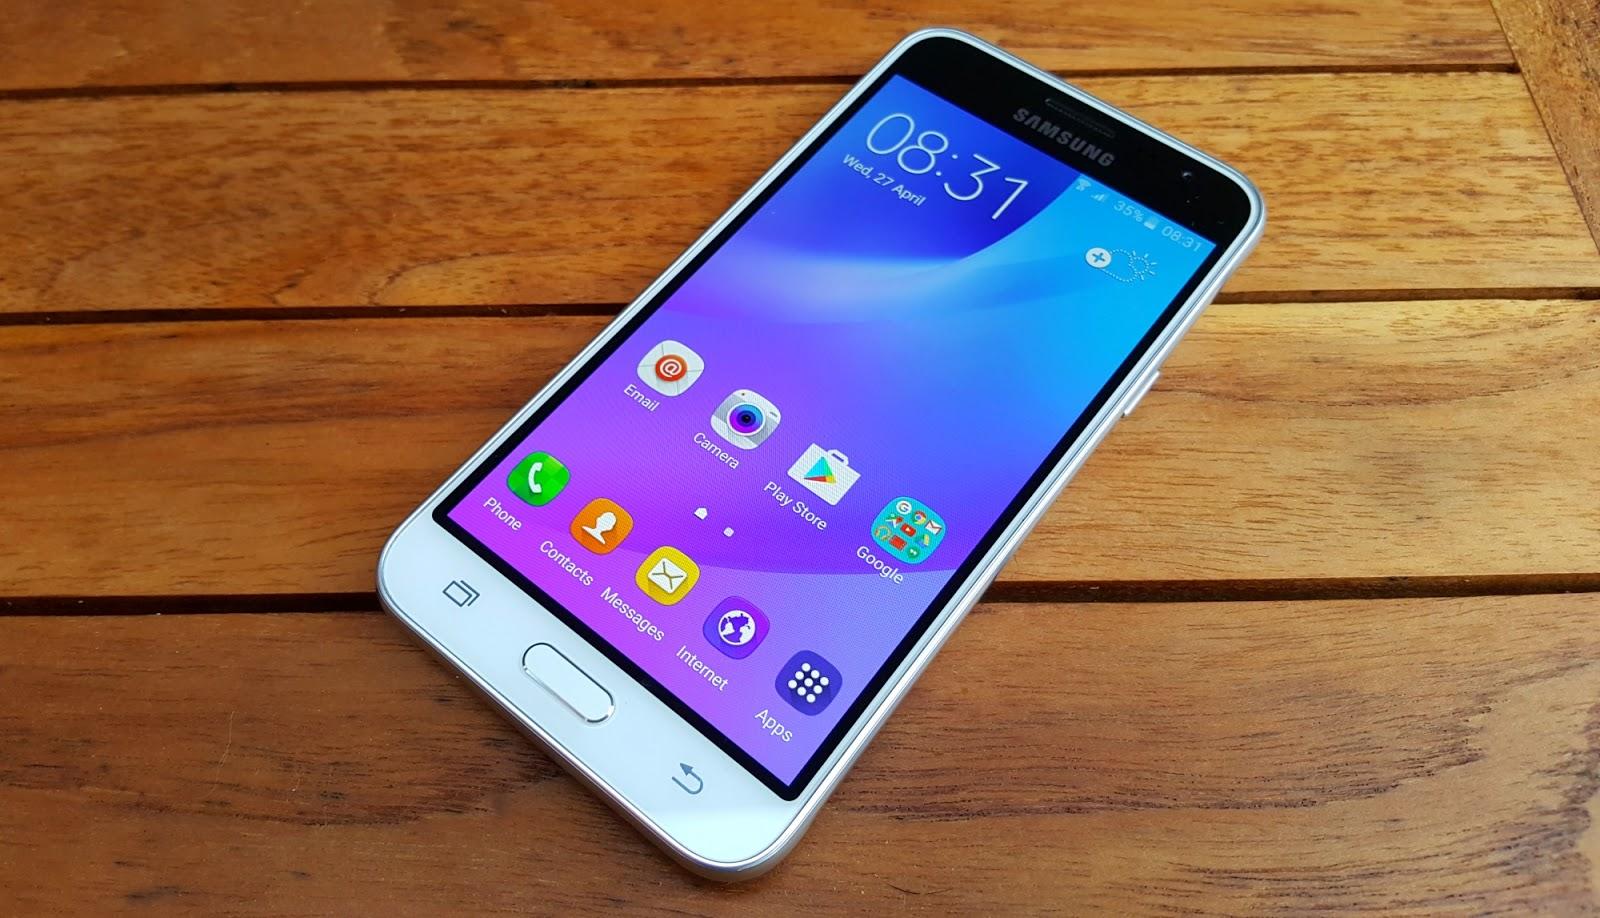 Samsung Galaxy J3 comandi vocali: come attivarli e lista comandi